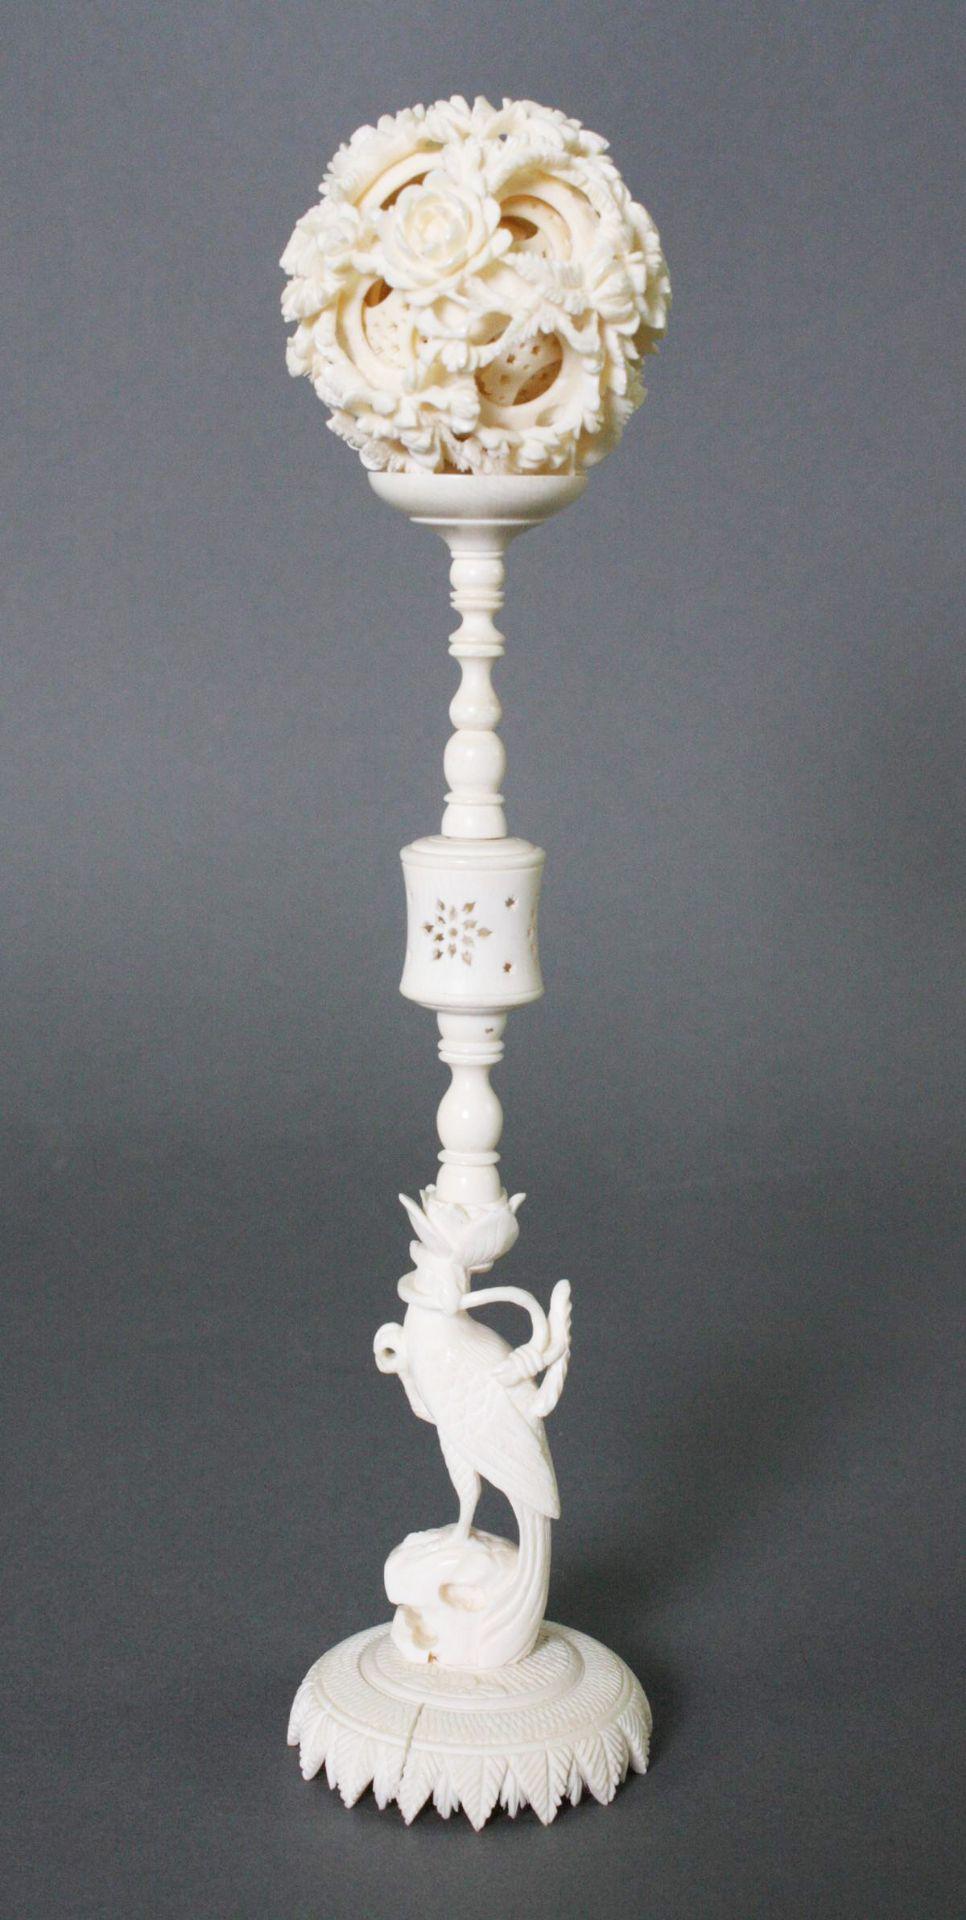 Elfenbein-Sphärenkugel auf Ständer, China Anfang 20. Jahrhundert